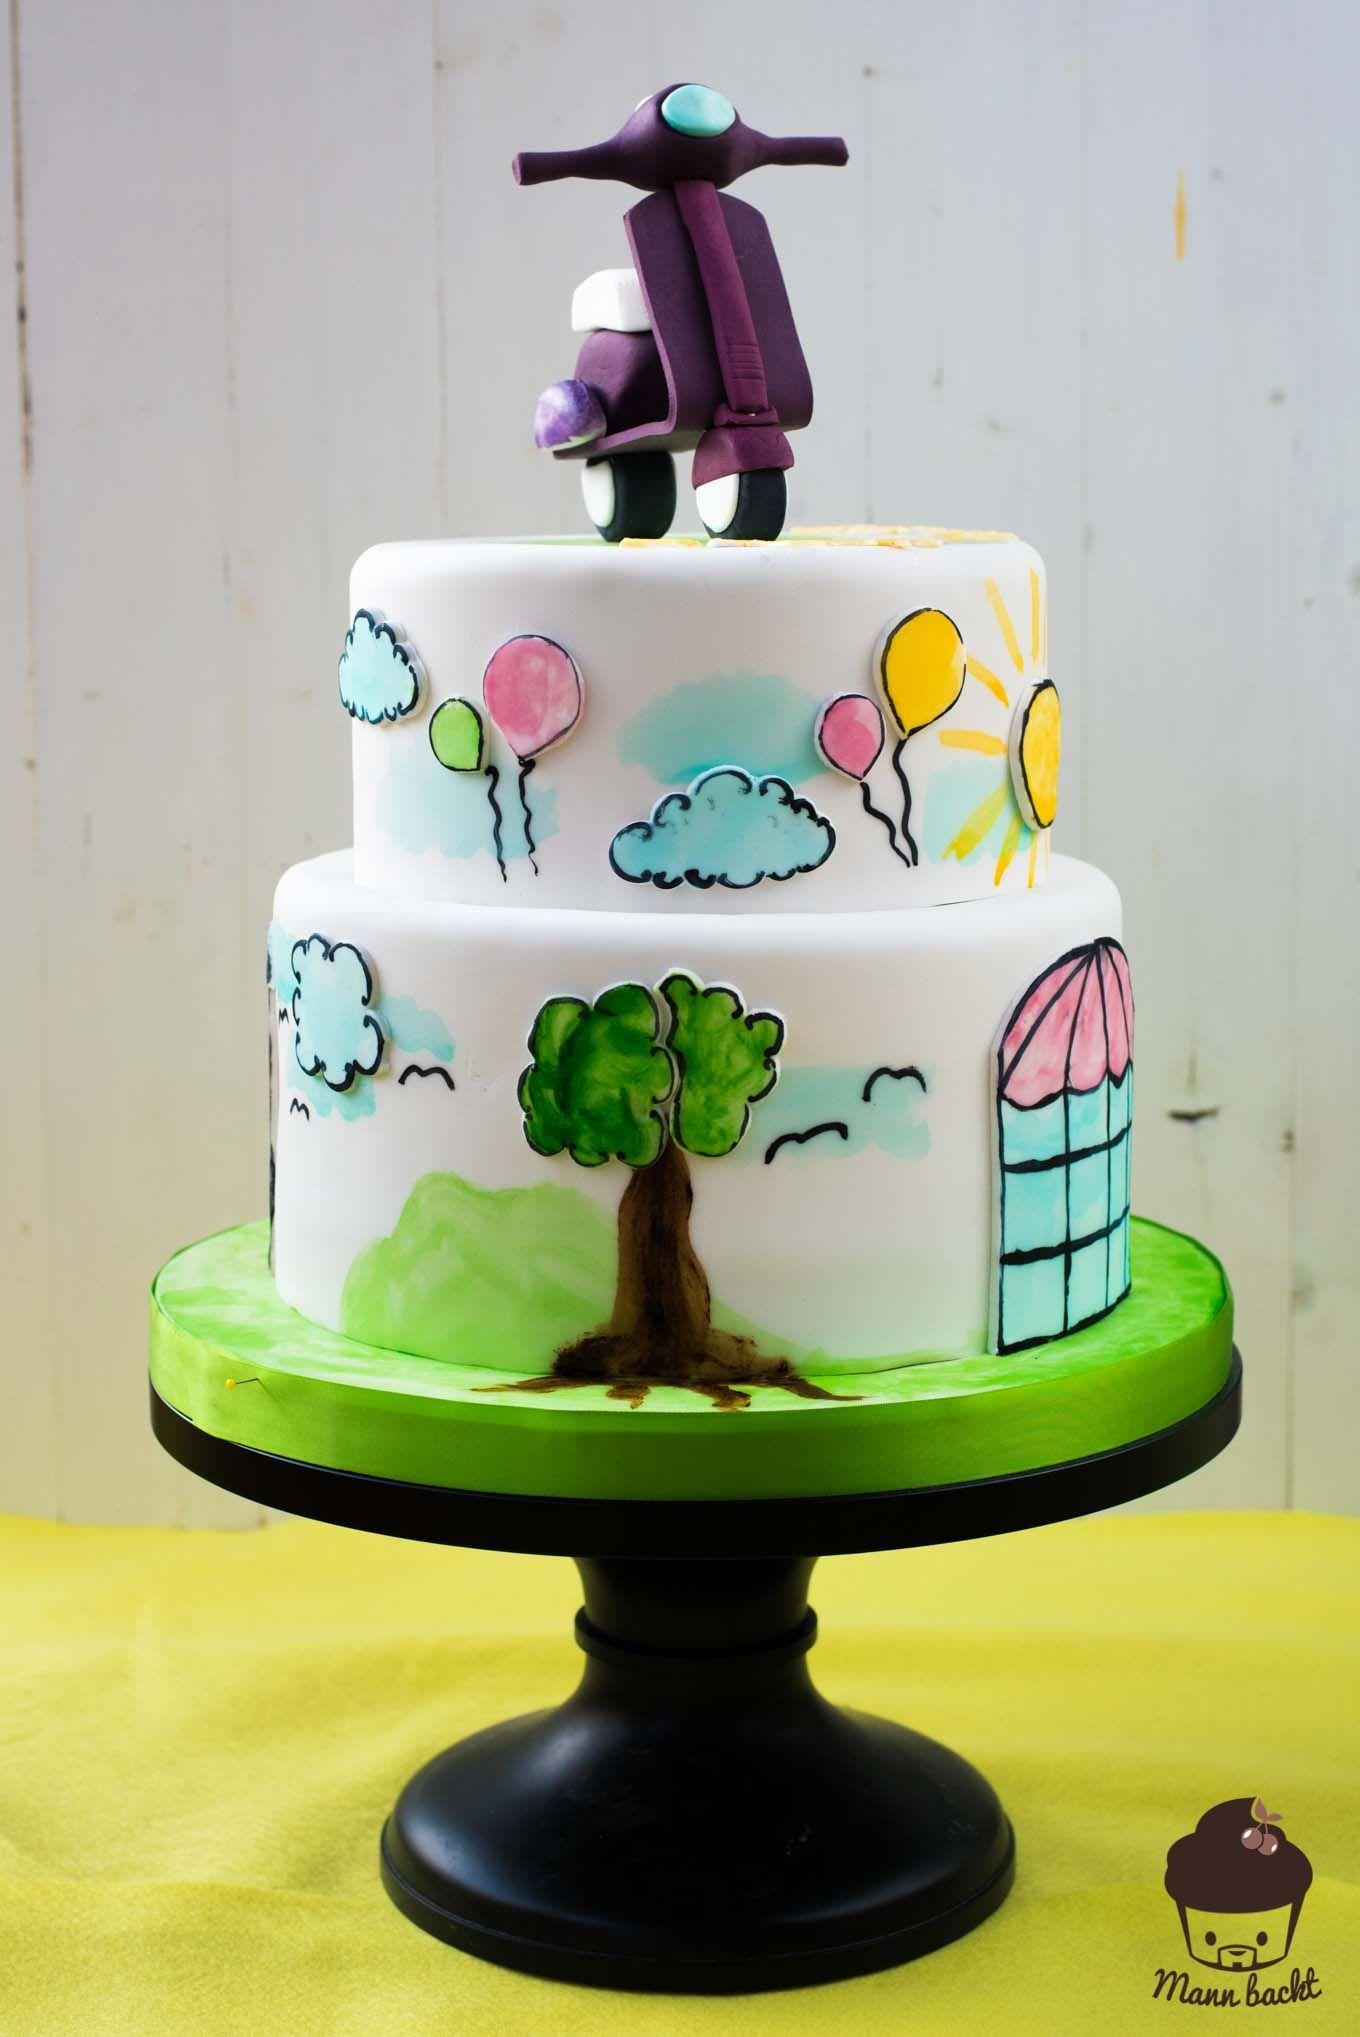 Was Schenkt Man Einem Menschen Zum Geburtstag, Der Für Sich Genommen Schon  Für Pure Lebensfreude Steht? Na Eh Klar, Eine Torte, Die Genauso Viel ...